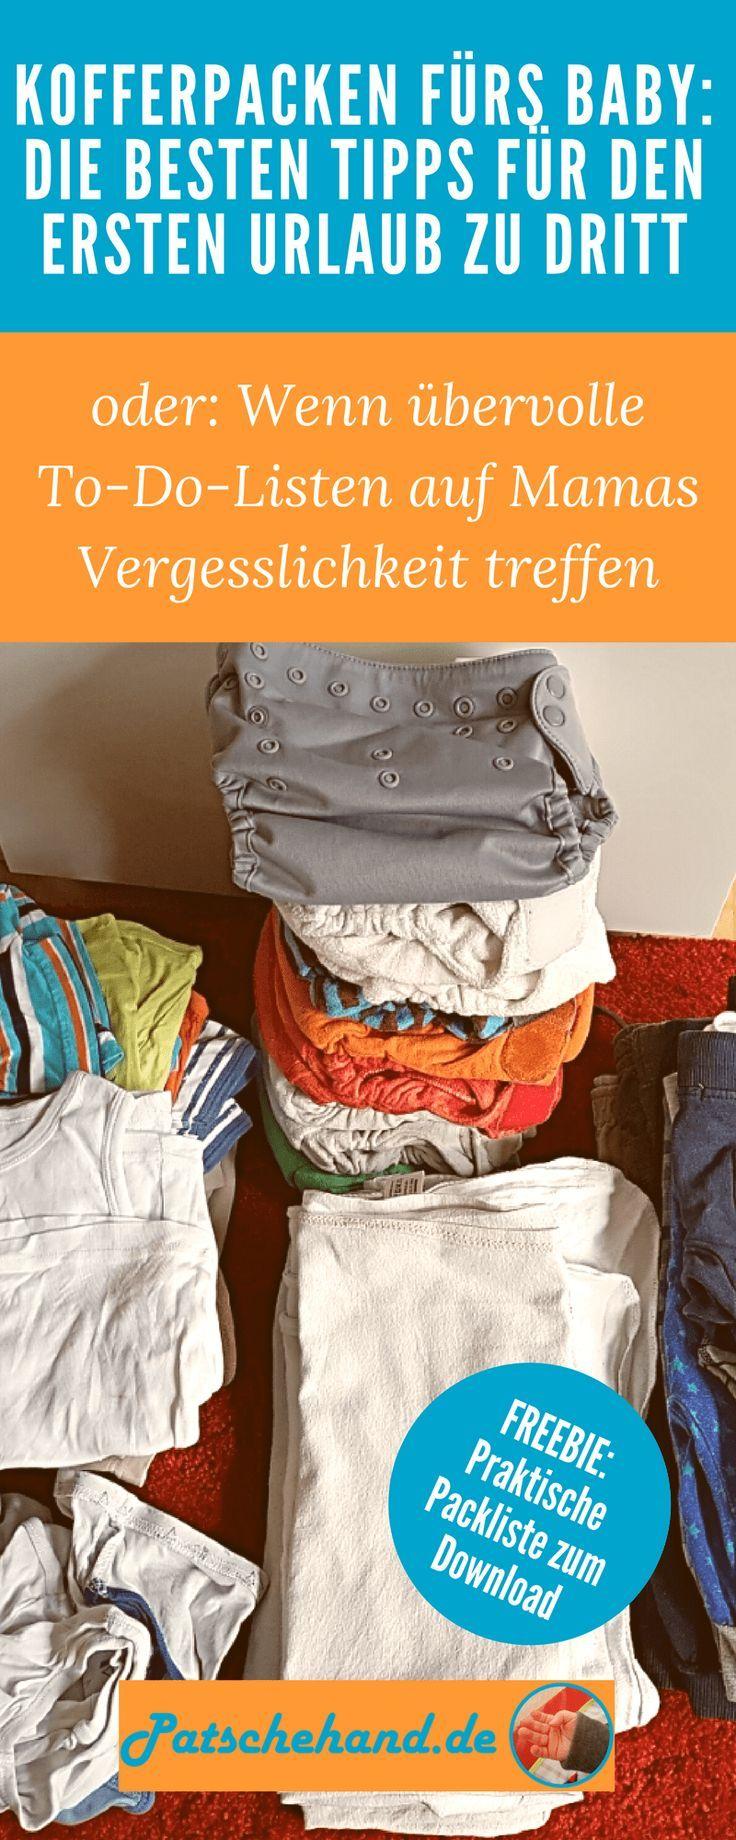 Baby, ab an die Ostsee: Kofferpacken für den ersten Urlaub zu dritt – Bi Bo